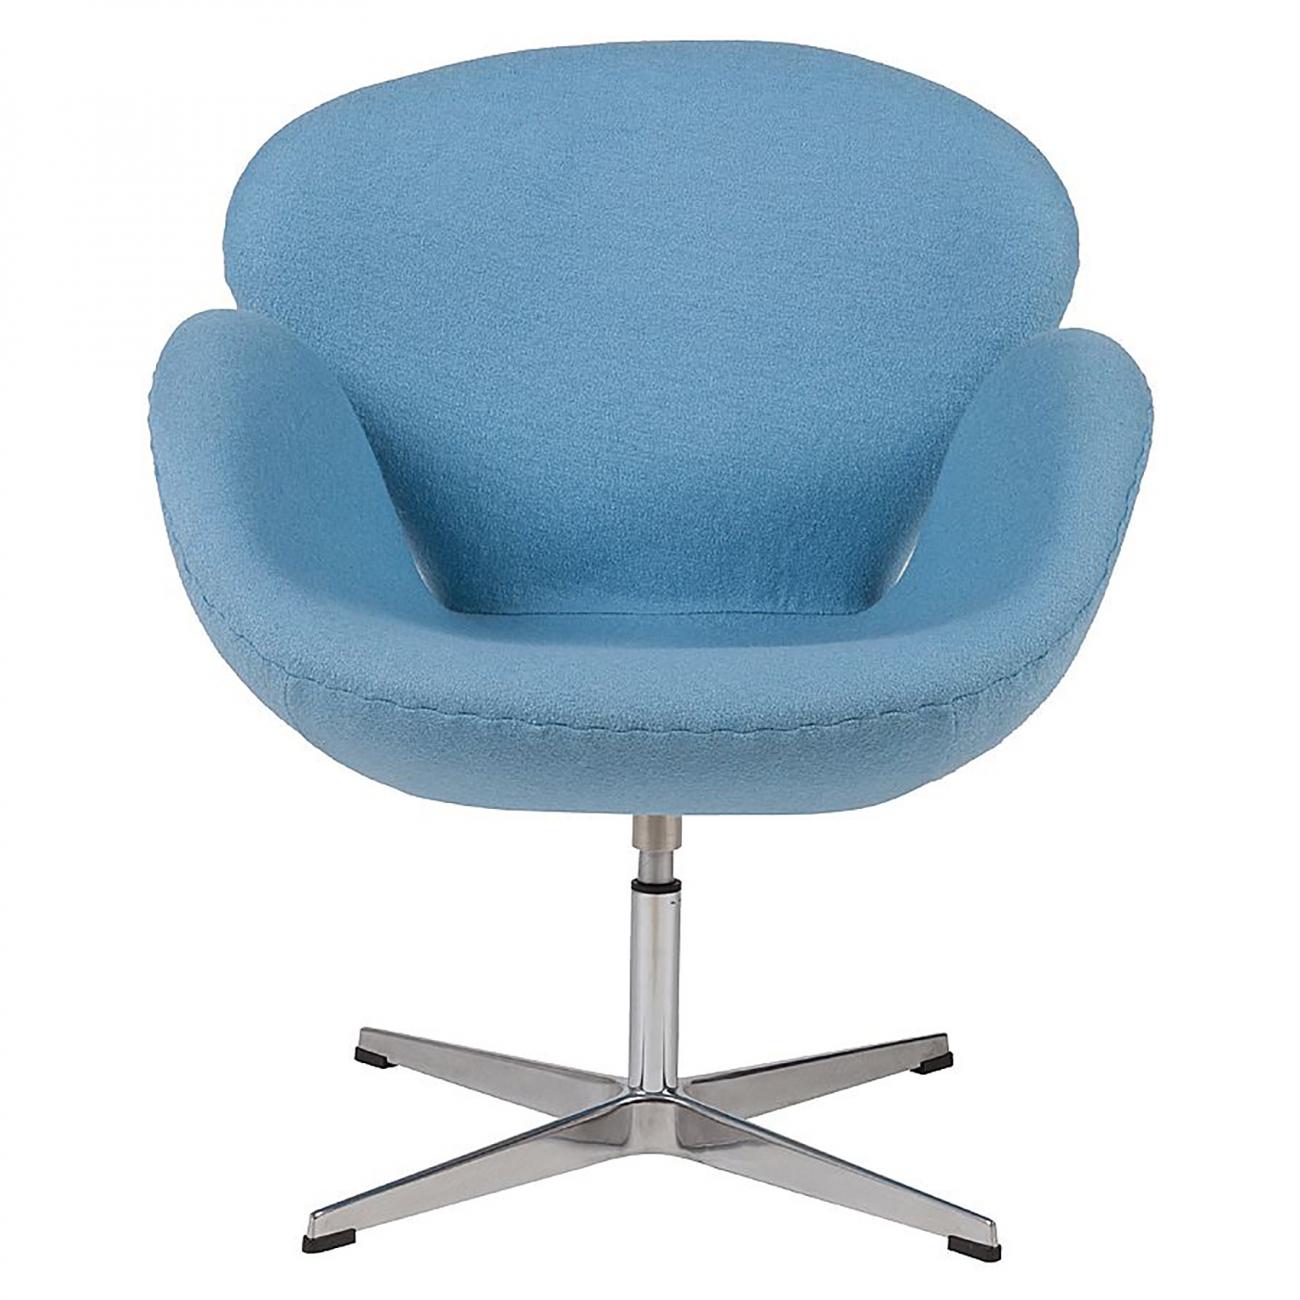 Купить Кресло Swan Chair Голубая Шерсть в интернет магазине дизайнерской мебели и аксессуаров для дома и дачи